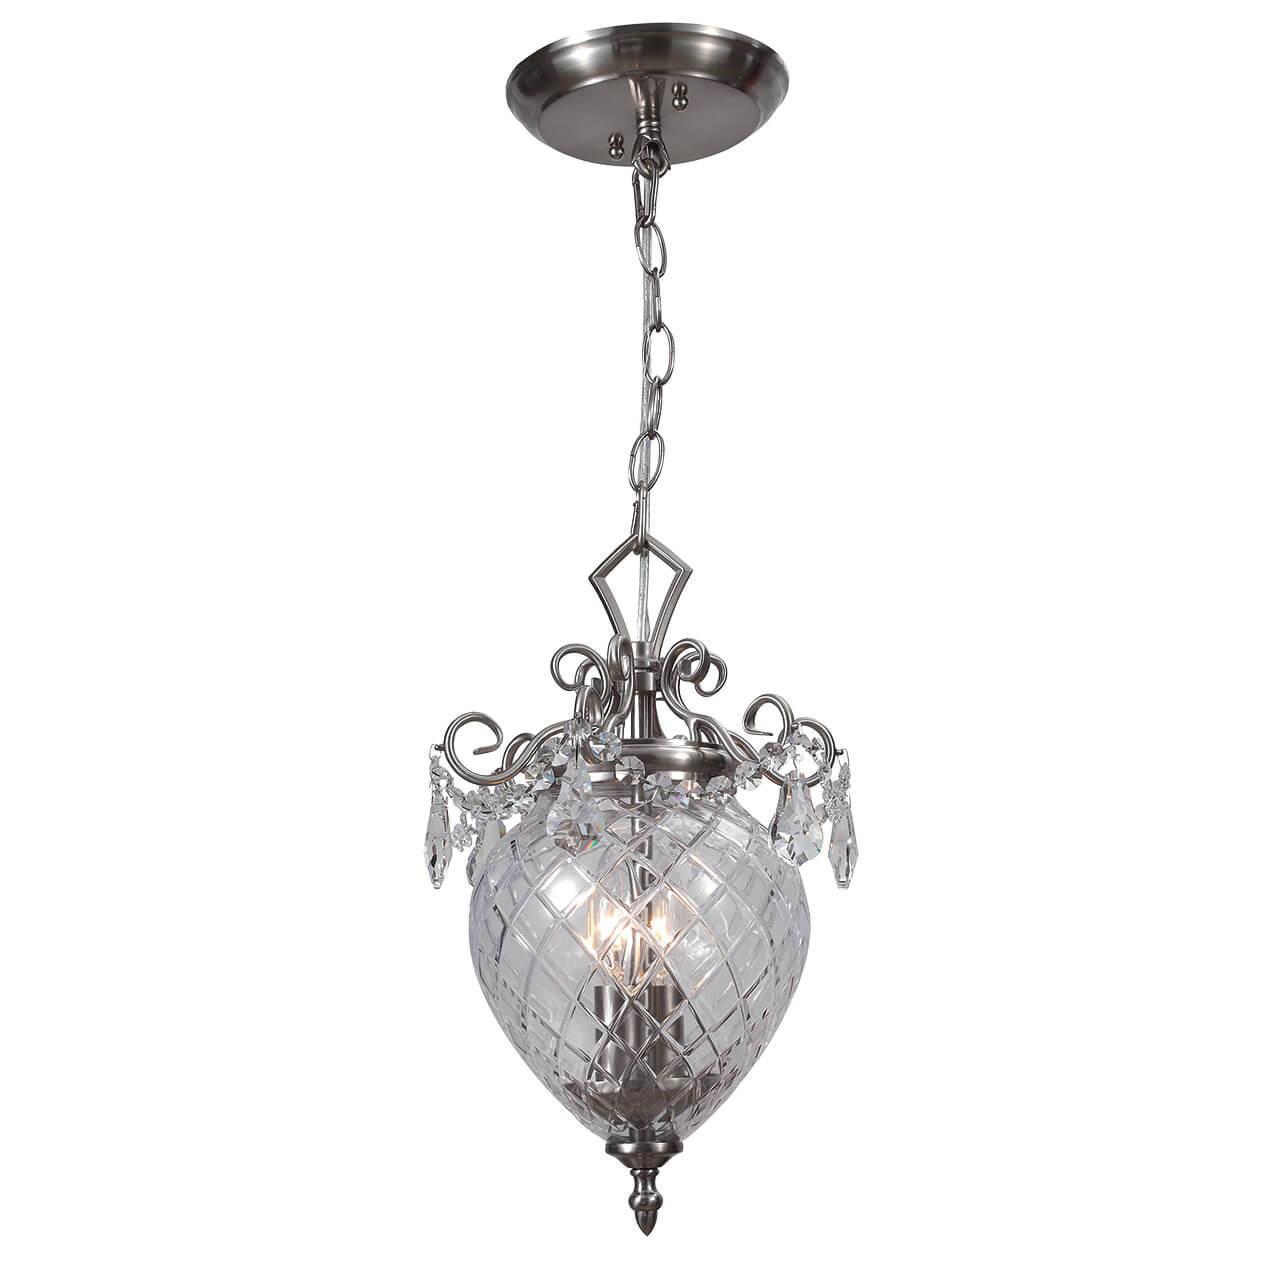 Подвесной светильник Divinare Reggia 1150/01 SP-2 divinare reggia 1150 01 sp 2